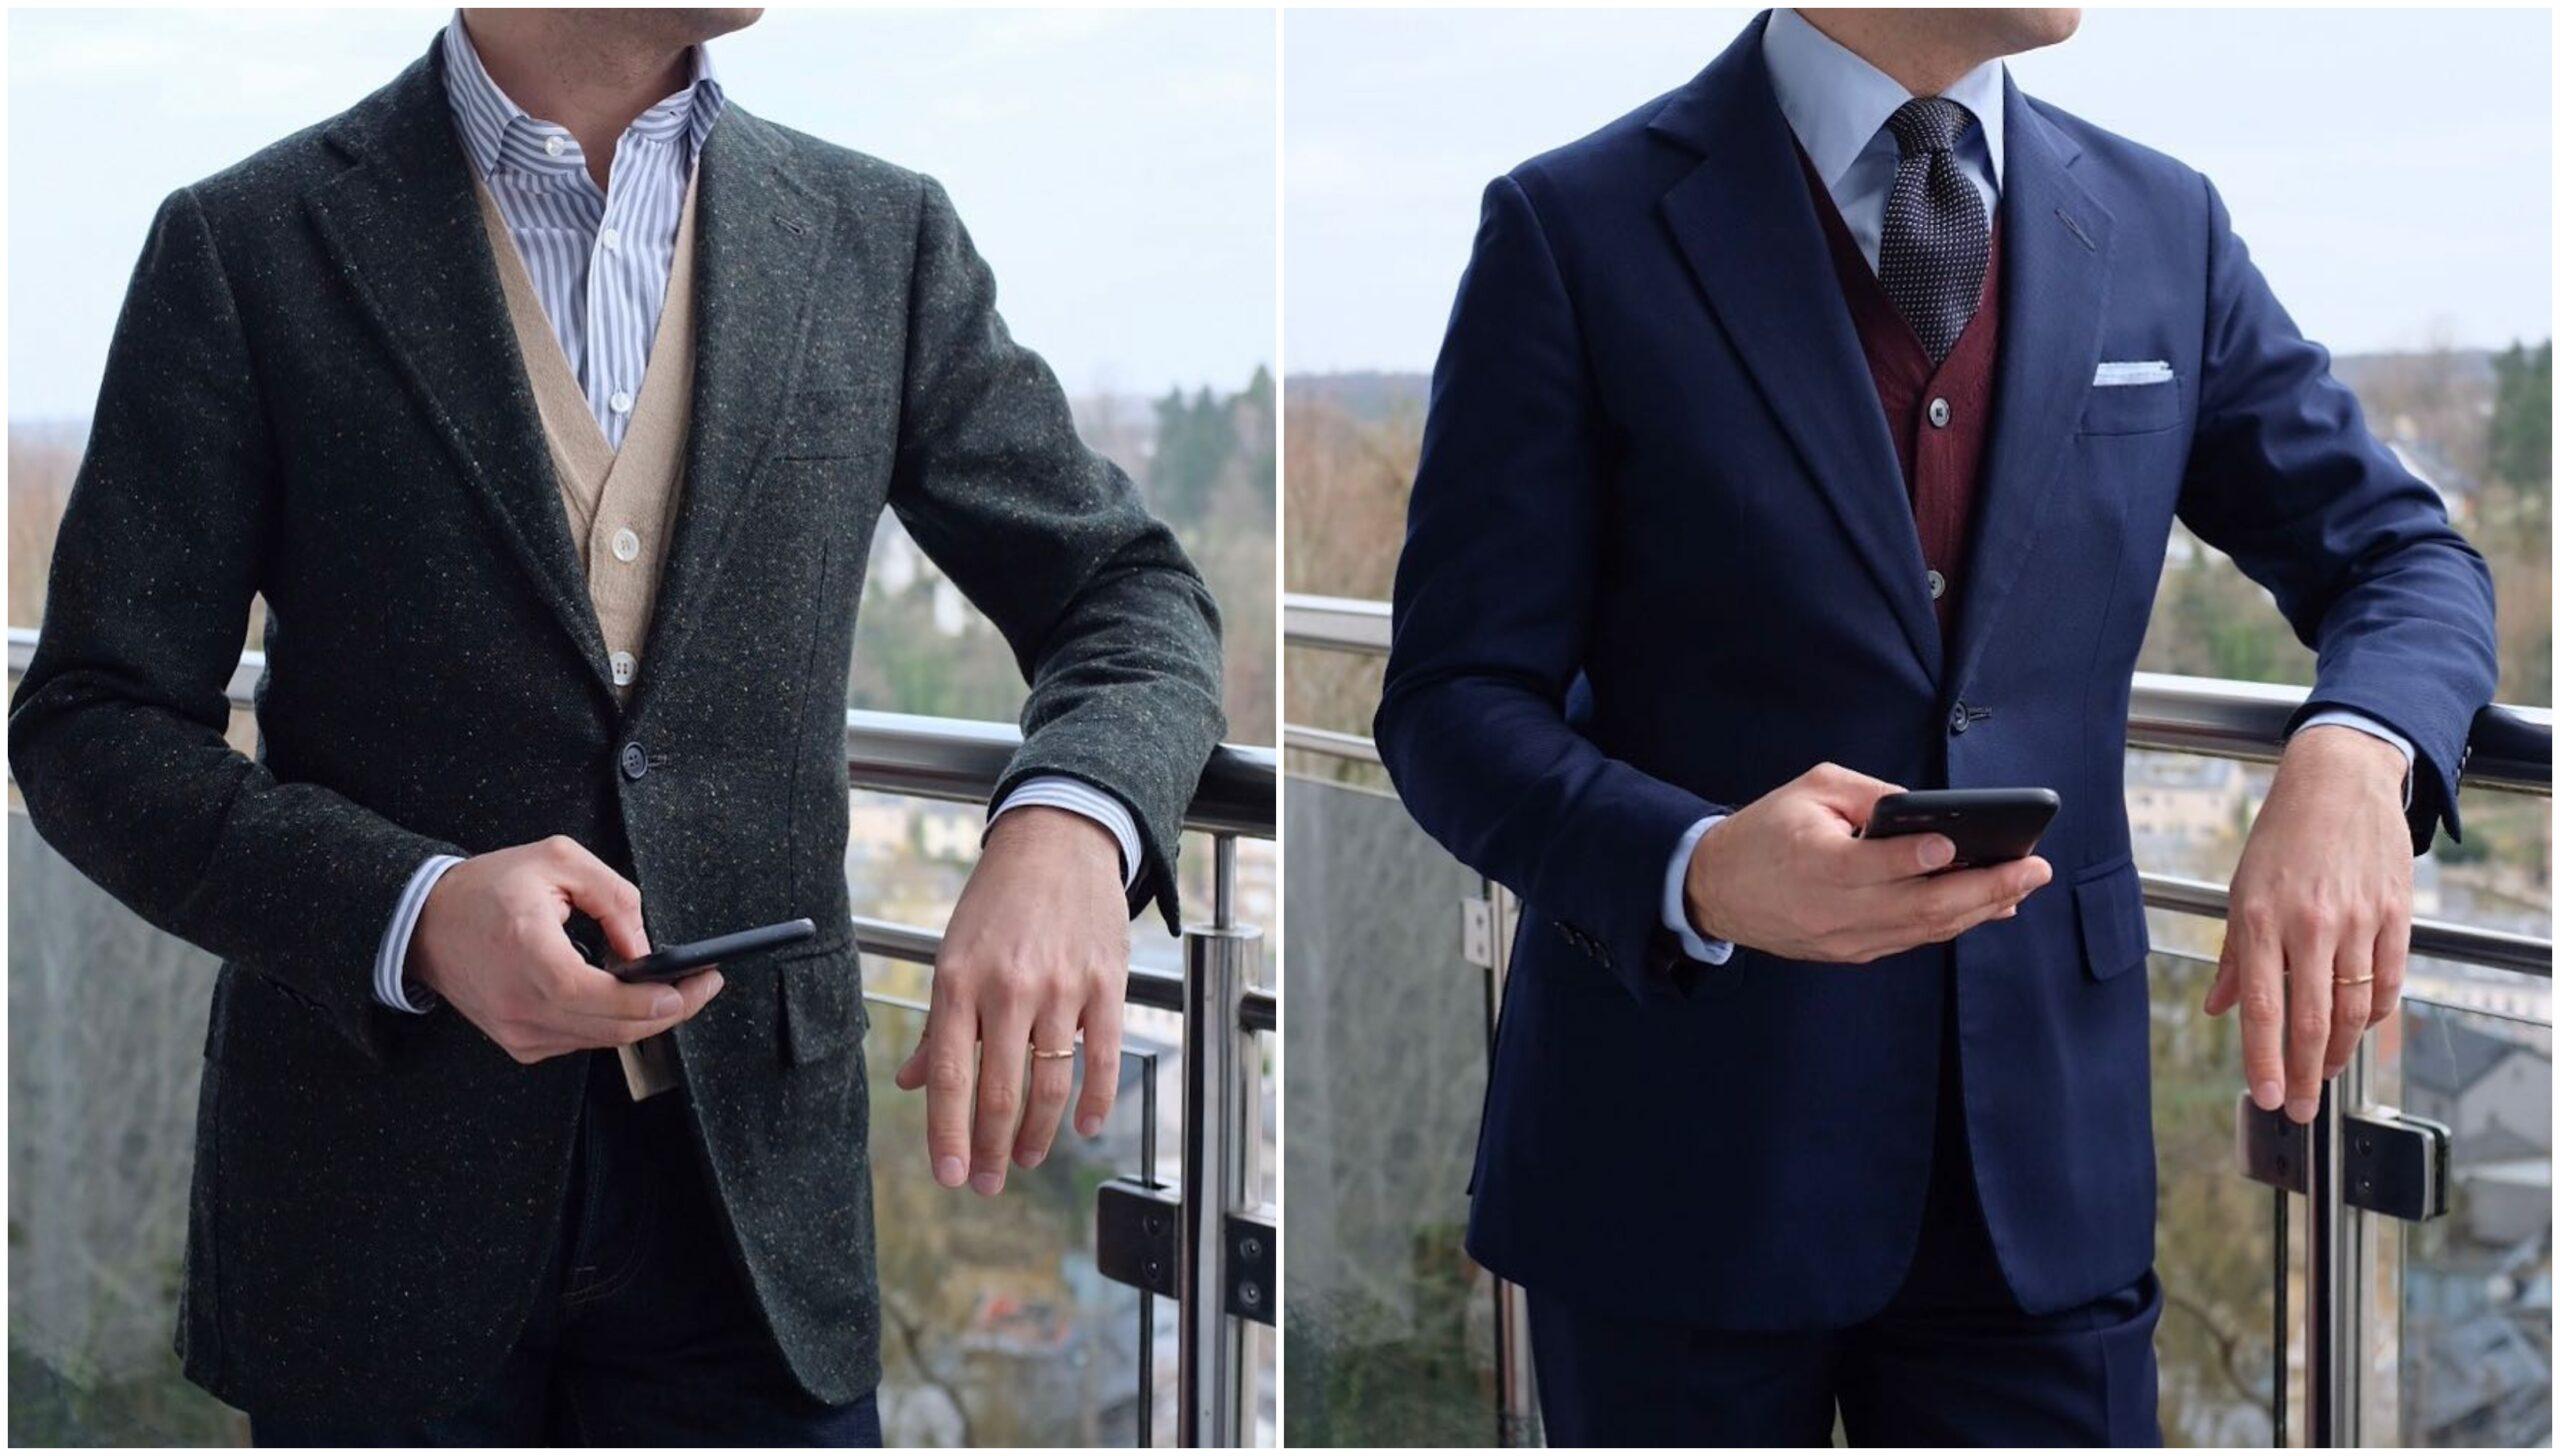 La hauteur de boutonnage est quasi-identique, ce qui varie c'est la longueur de la veste et l'ouverture des quartiers. Une faible ouverture des quartiers couplés à une veste un peu plus courte (sans excès), permet de donner une silhouette plus masculine à ce type d'anatomie.